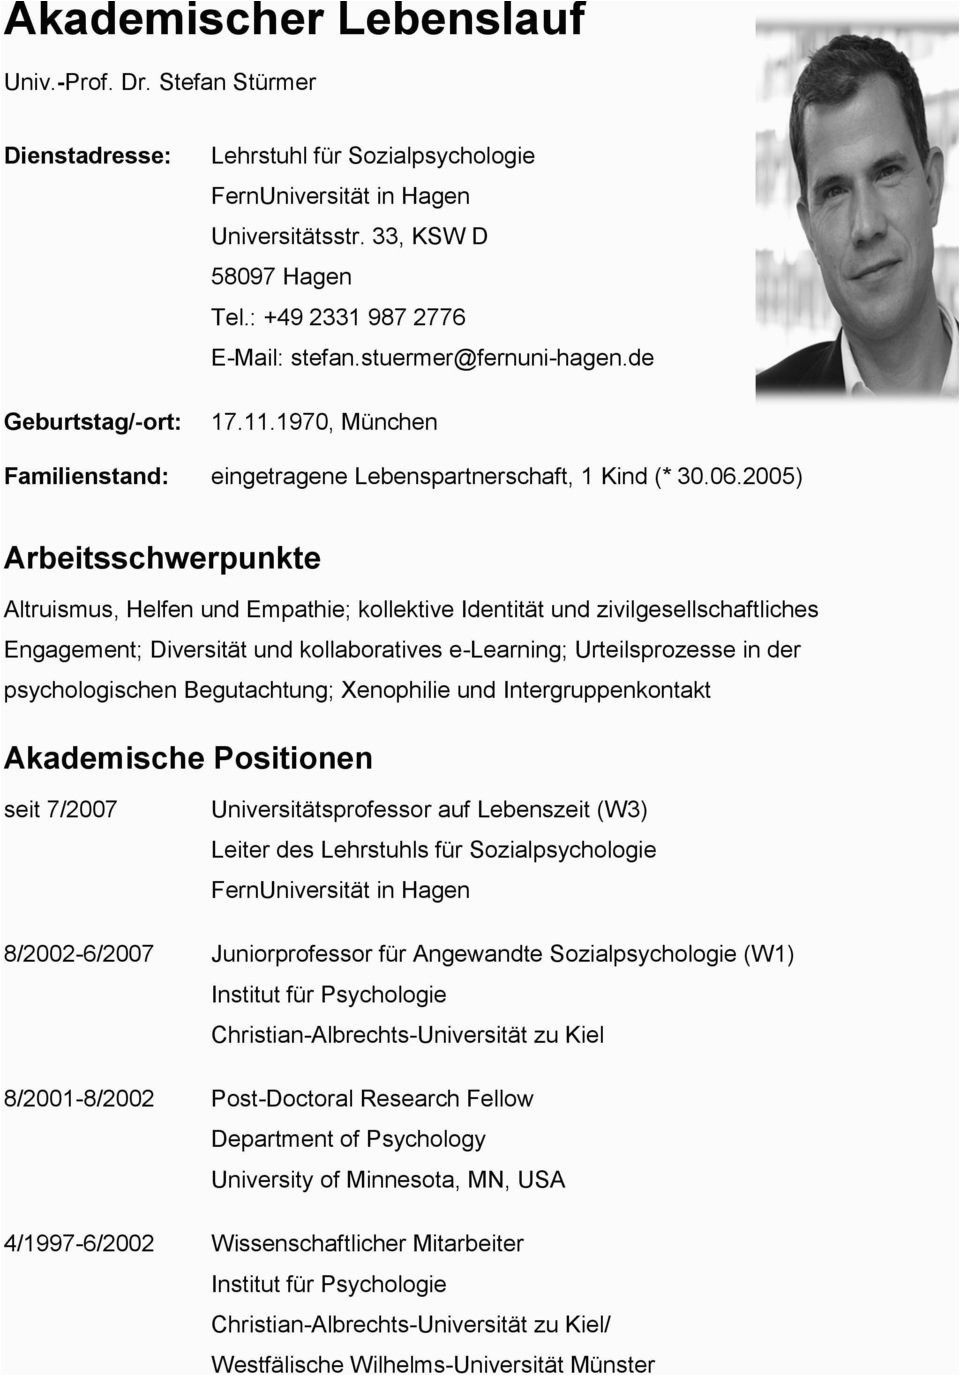 Akademischer Lebenslauf Deutsch In 2020 Lebenslauf Universitat Munster Leben